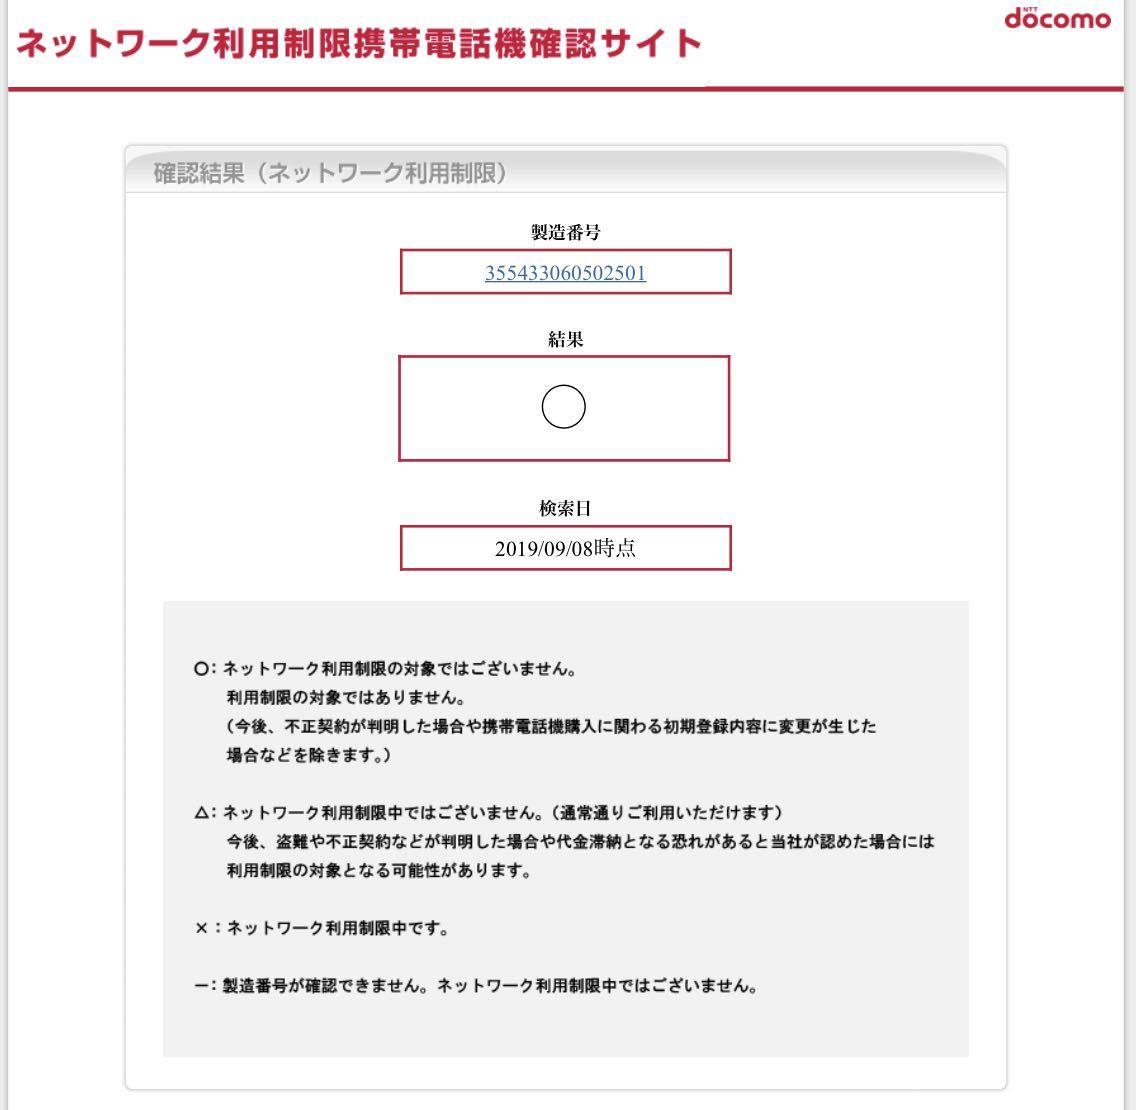 サムスン GALAXY Note Edge SC-01G docomo _画像10